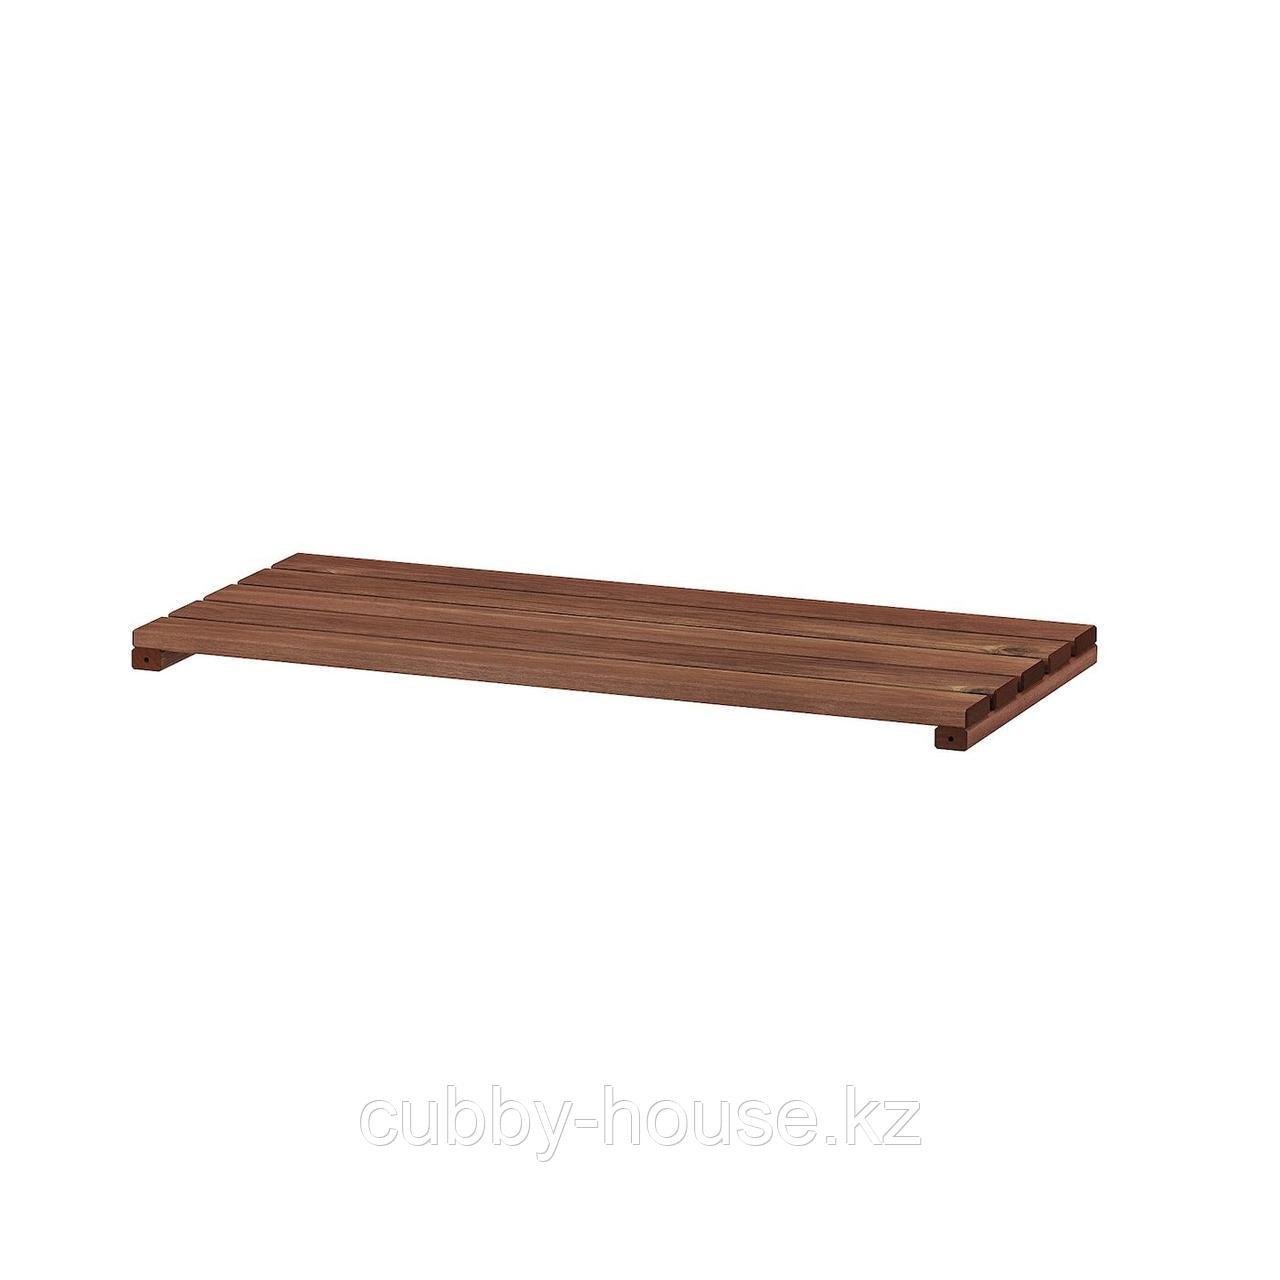 ТУРД Полка для садового стеллажа, коричневая морилка, 70x32 см